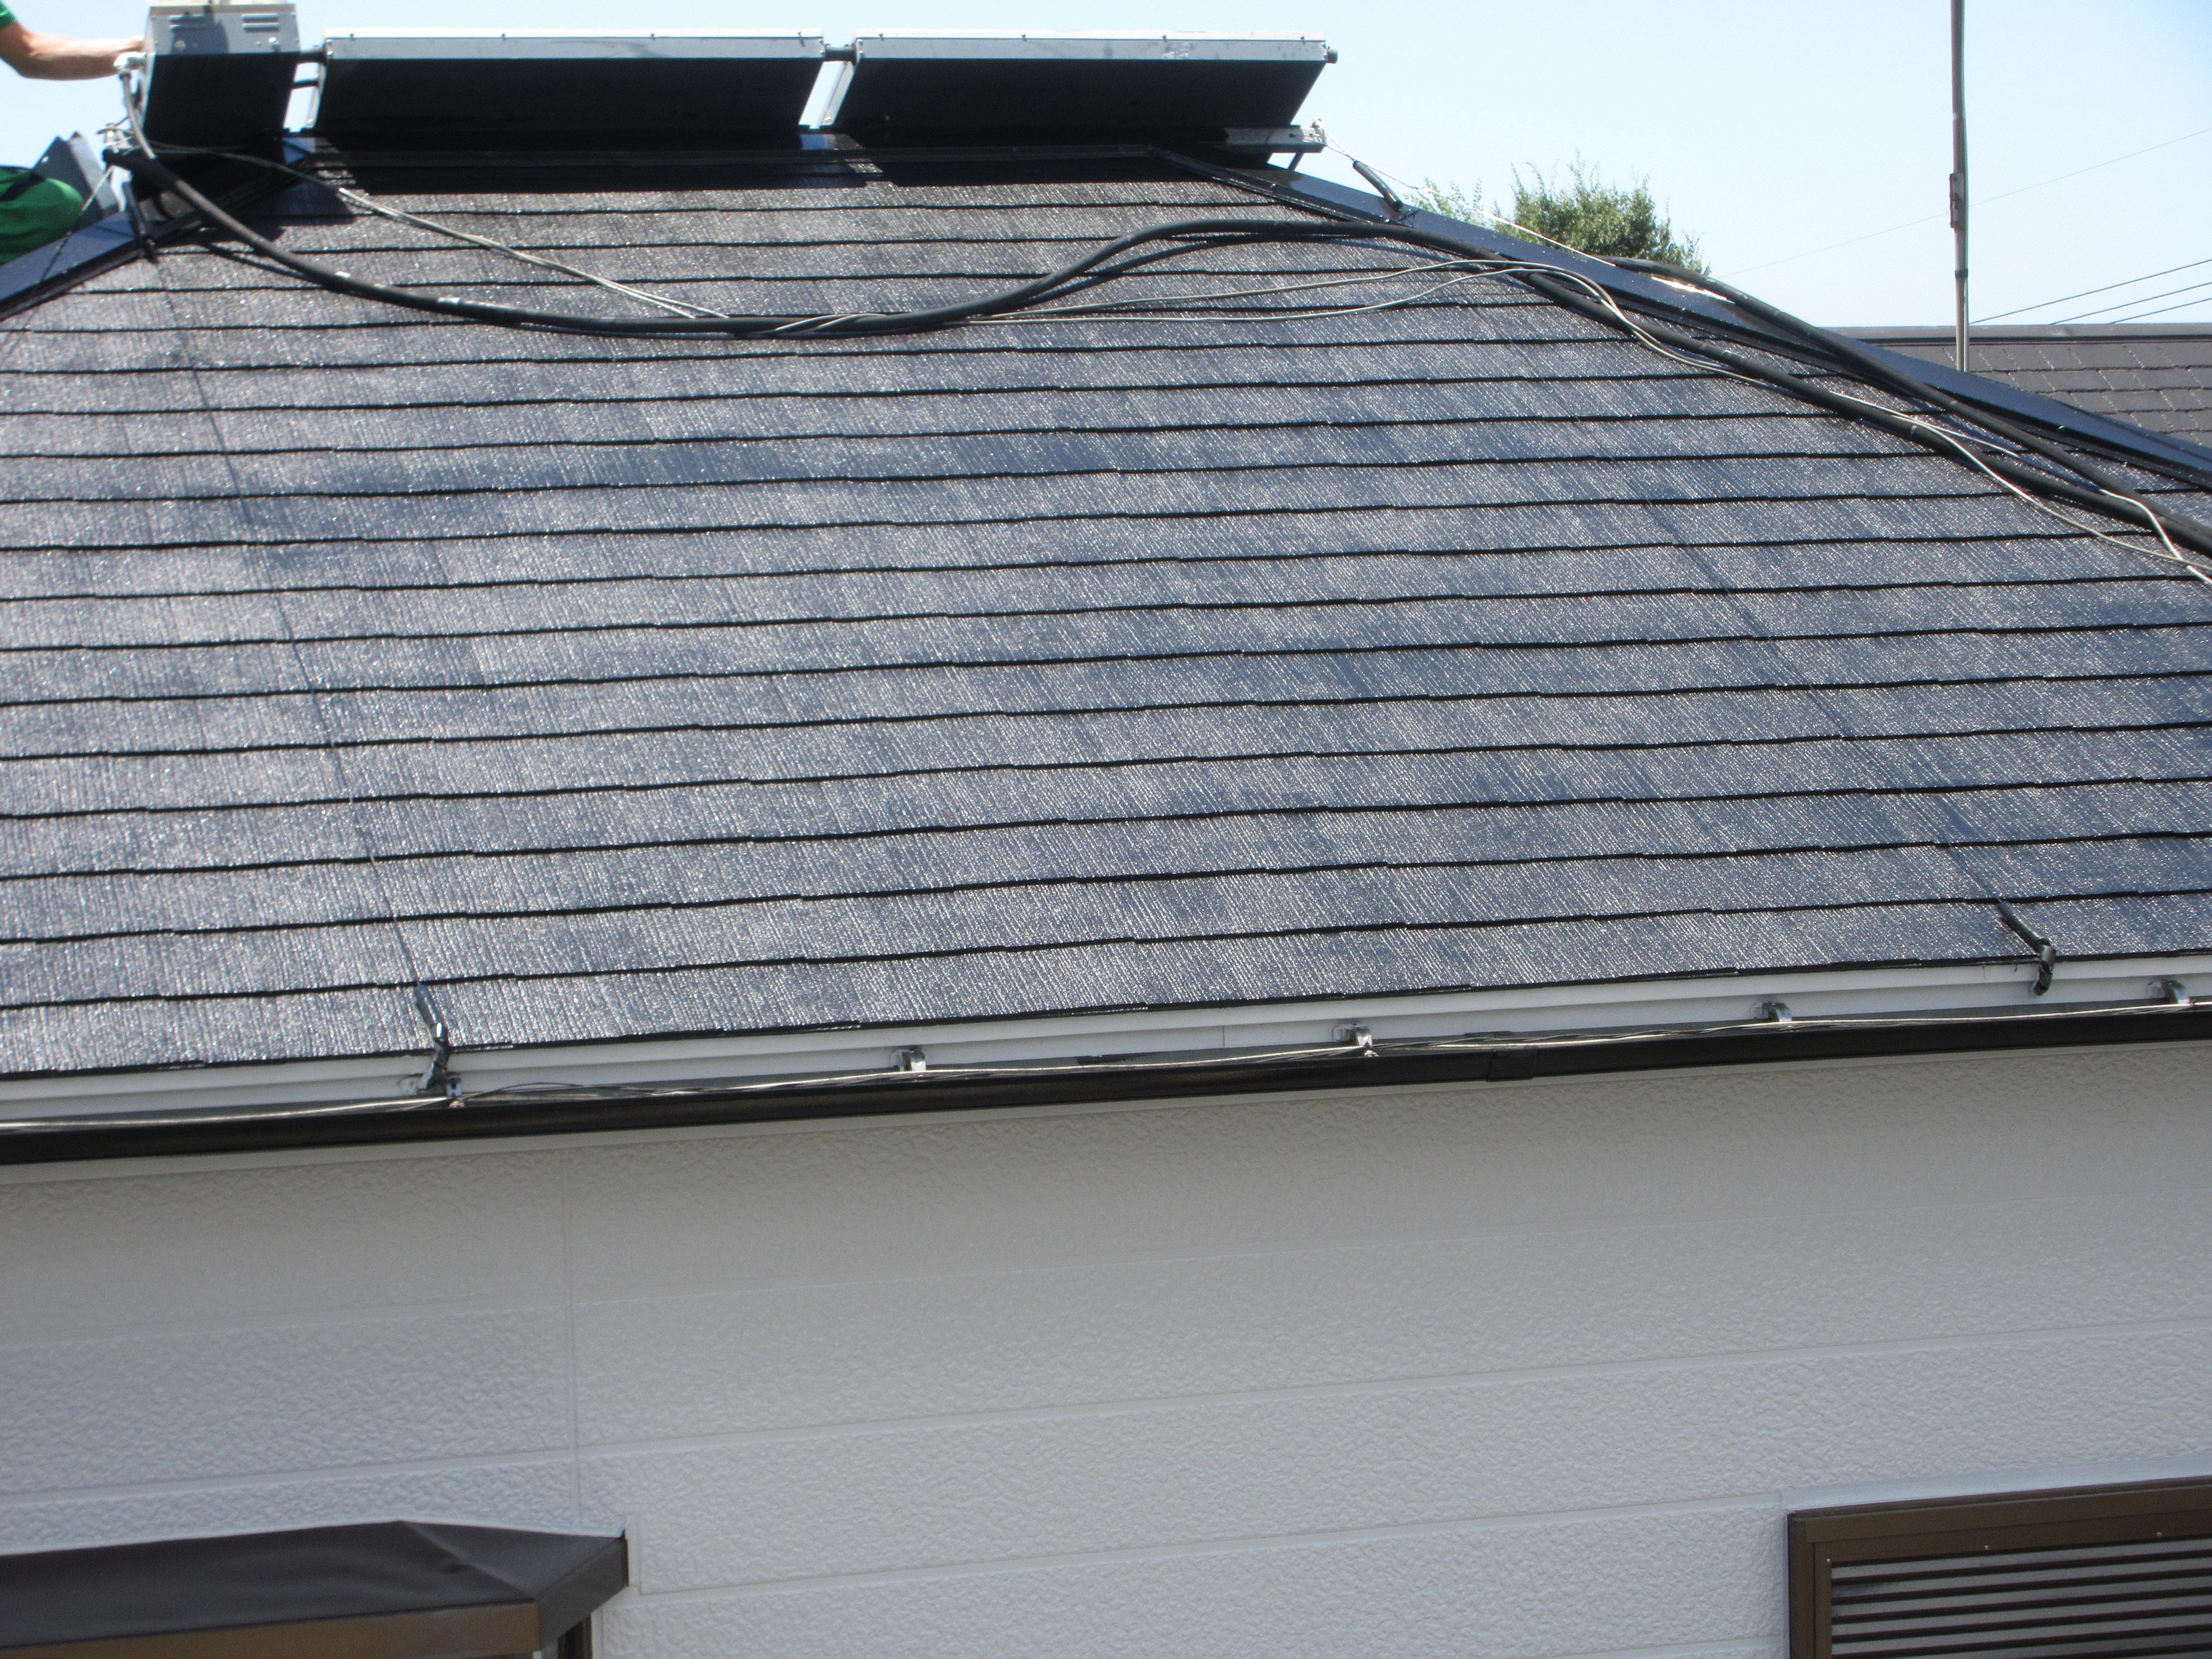 【和歌山市】T様邸<br>『ライトグレーの外壁と黒の屋根でエレガントな仕上がりに♪』4